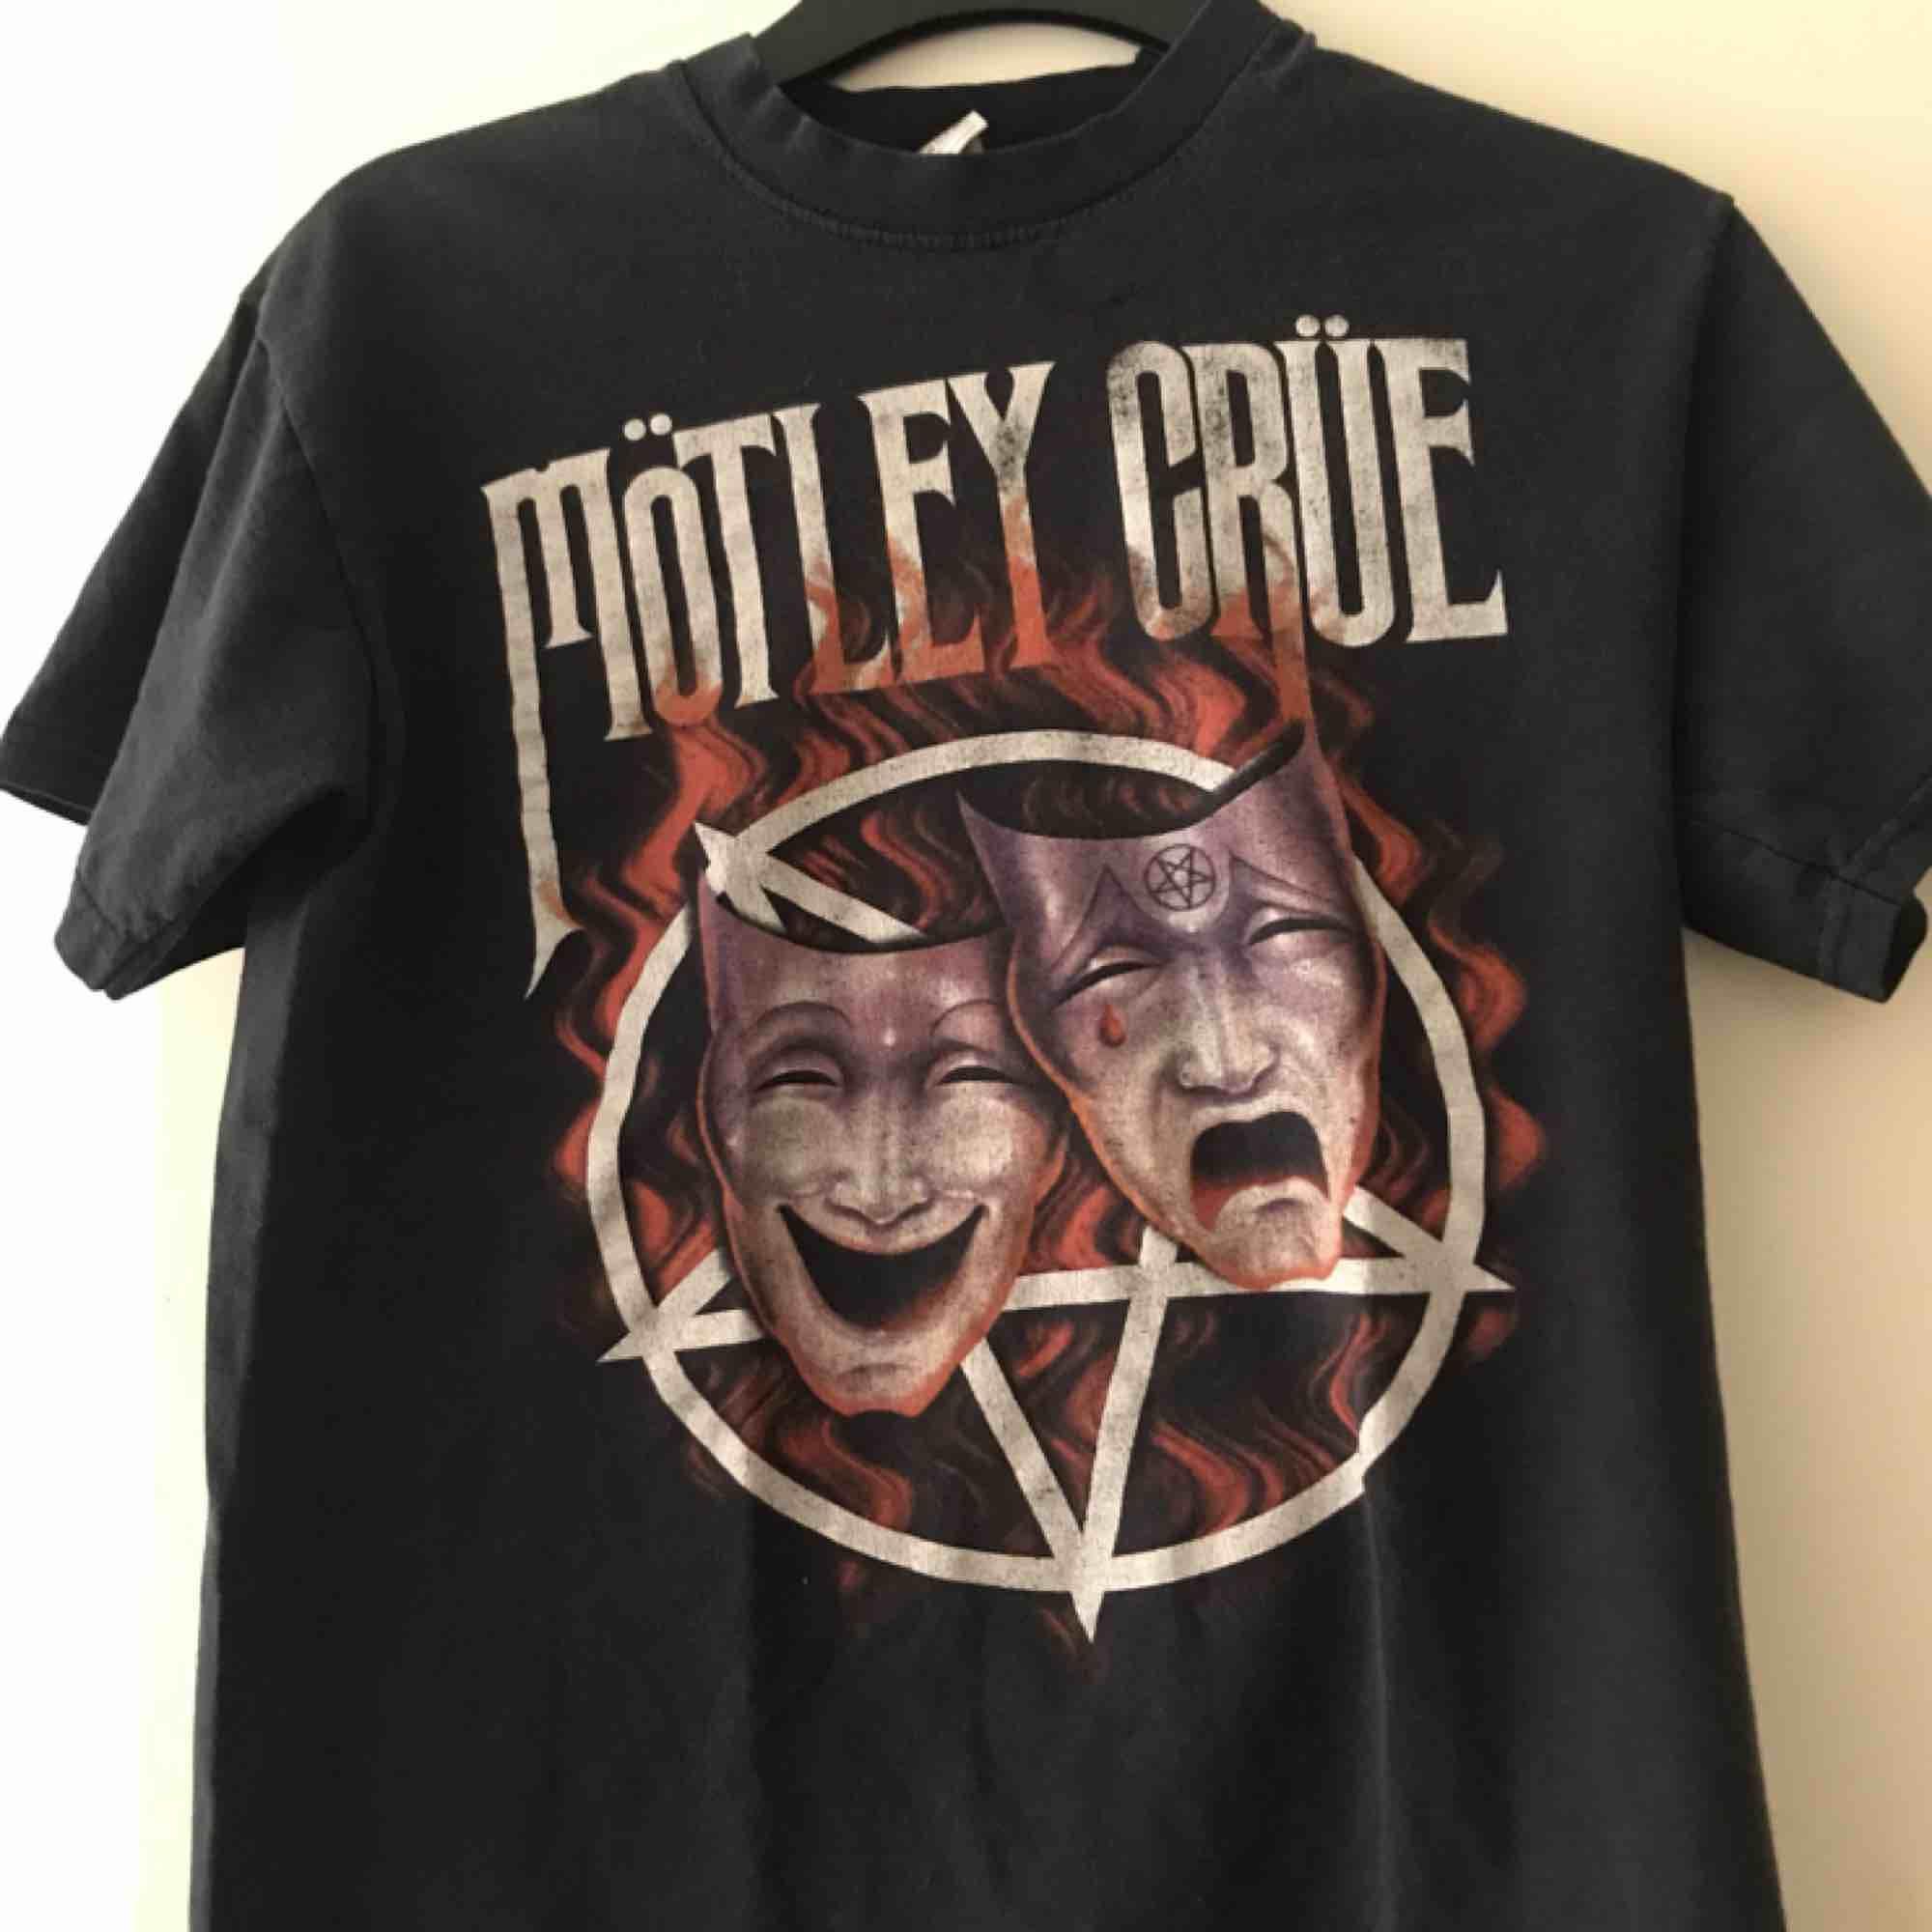 Använd men i fint skick. Mötley crüe t-shirt. Köparen står för frakt. T-shirts.